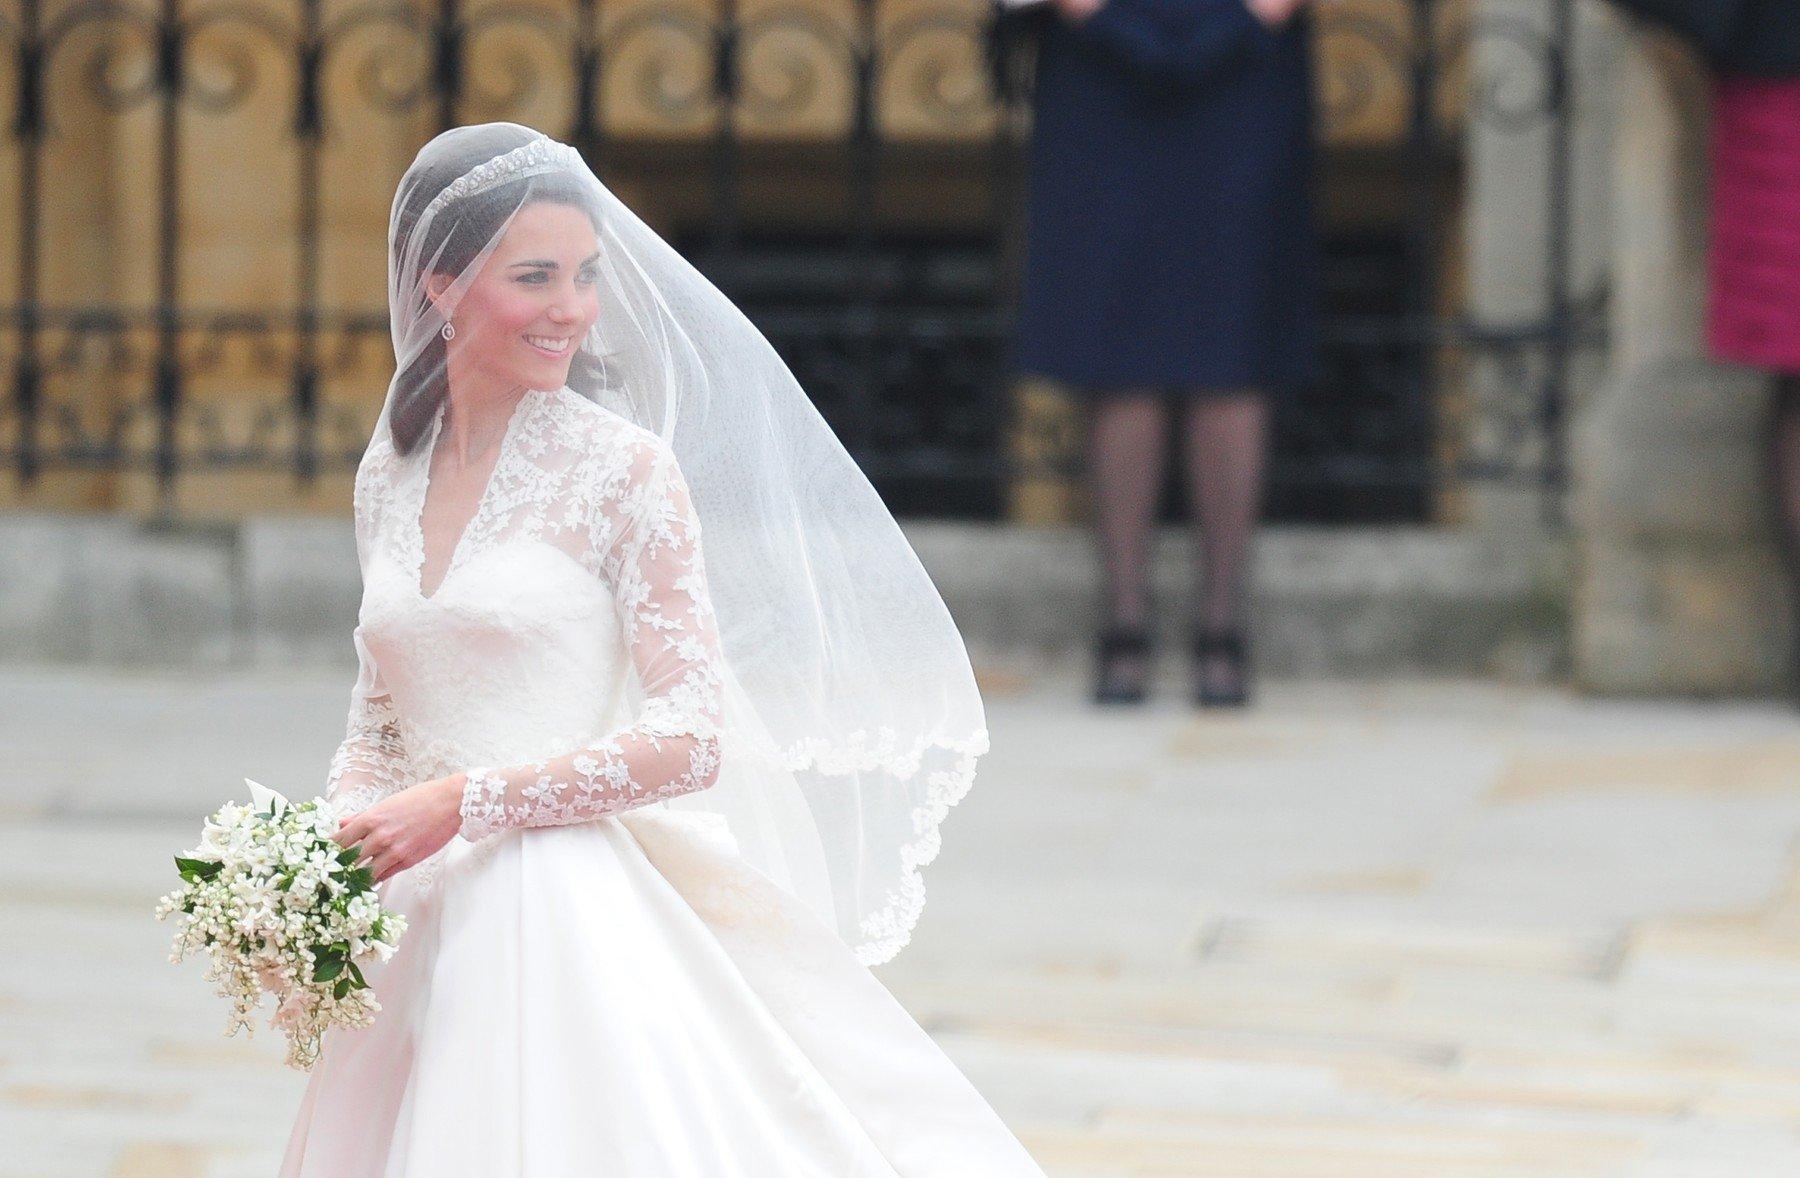 Vjenčanje Kate Middleton i princa Williama 2011.